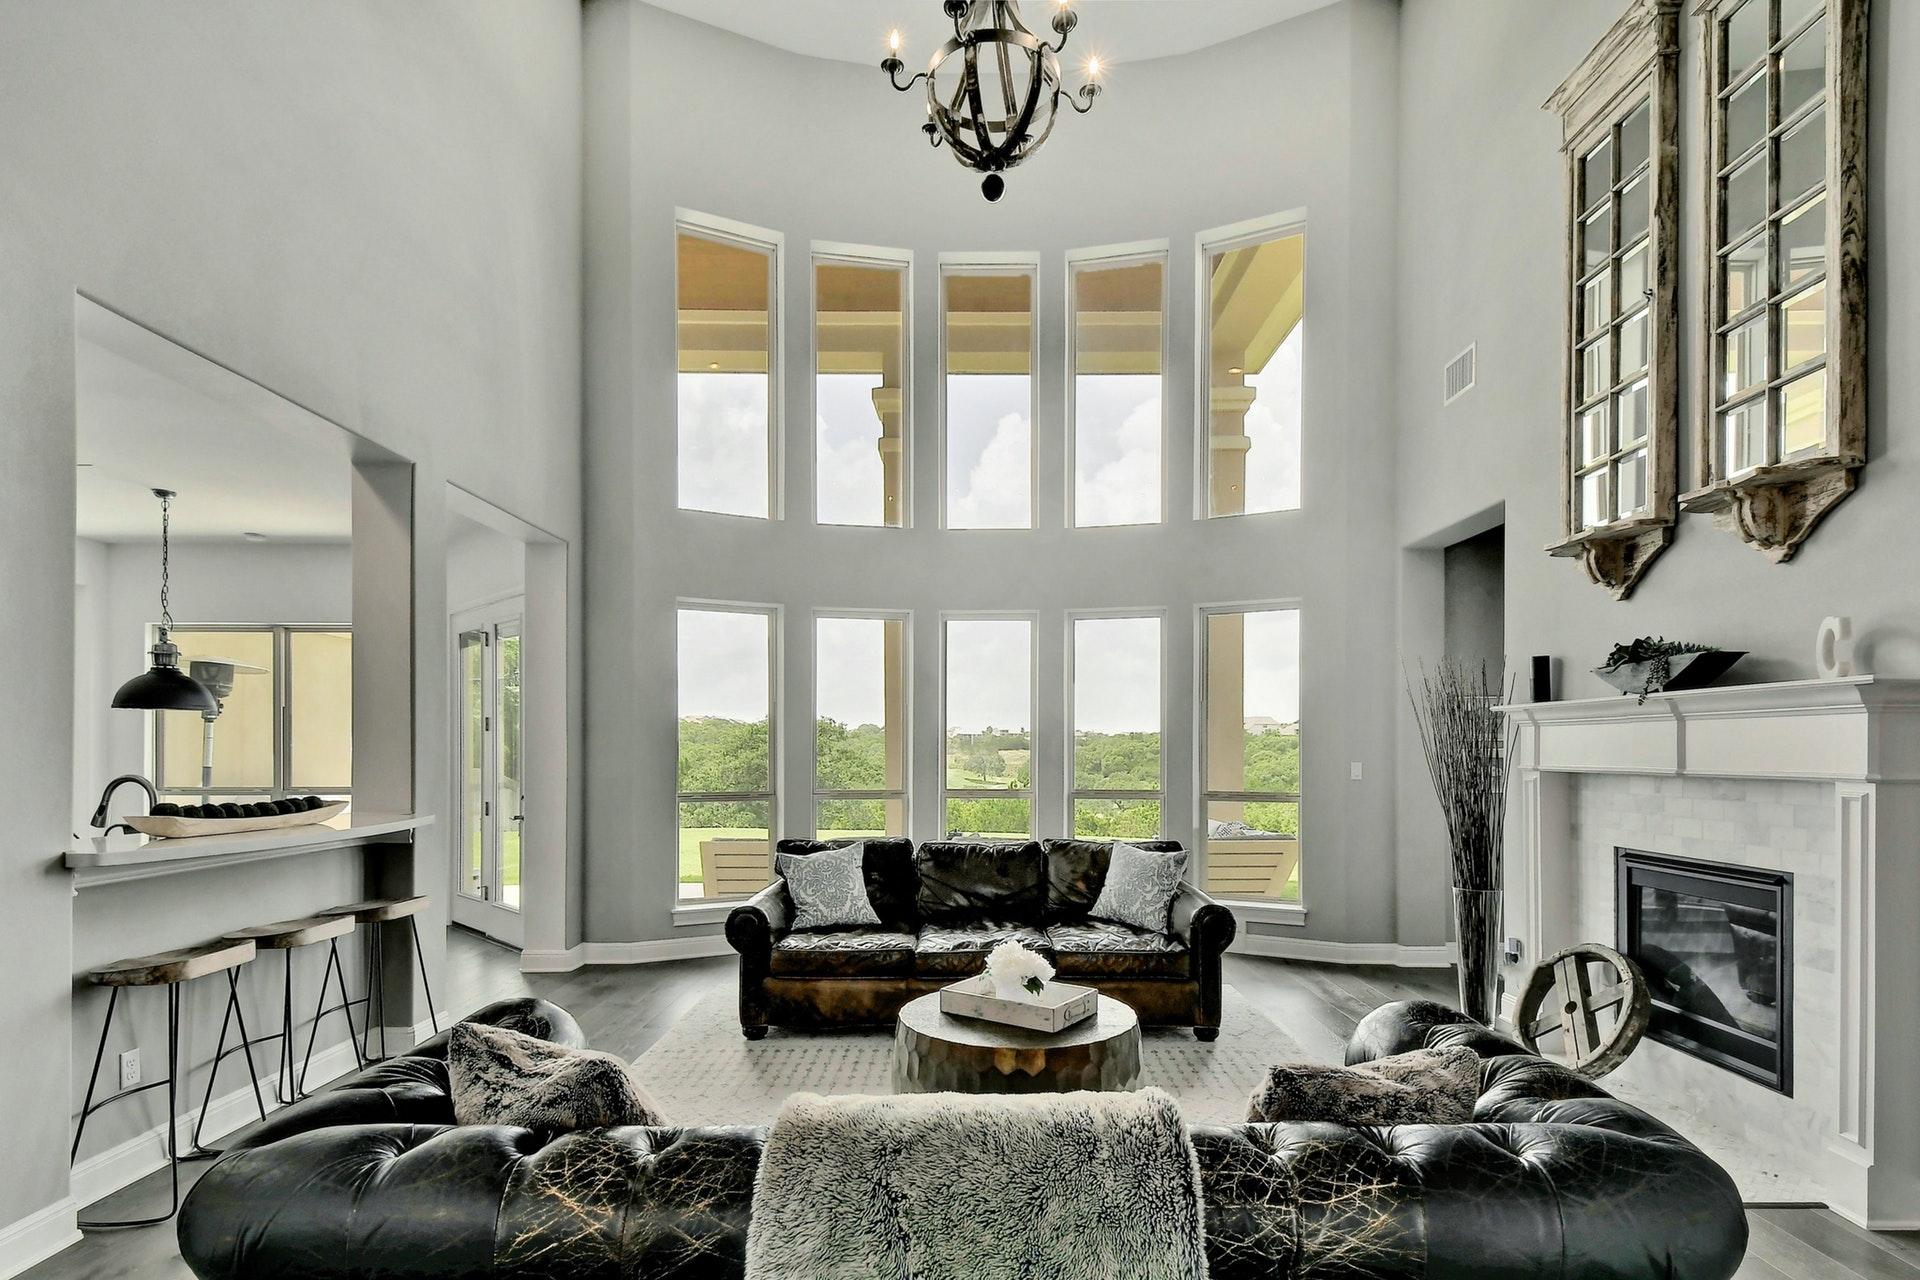 Interior Features -